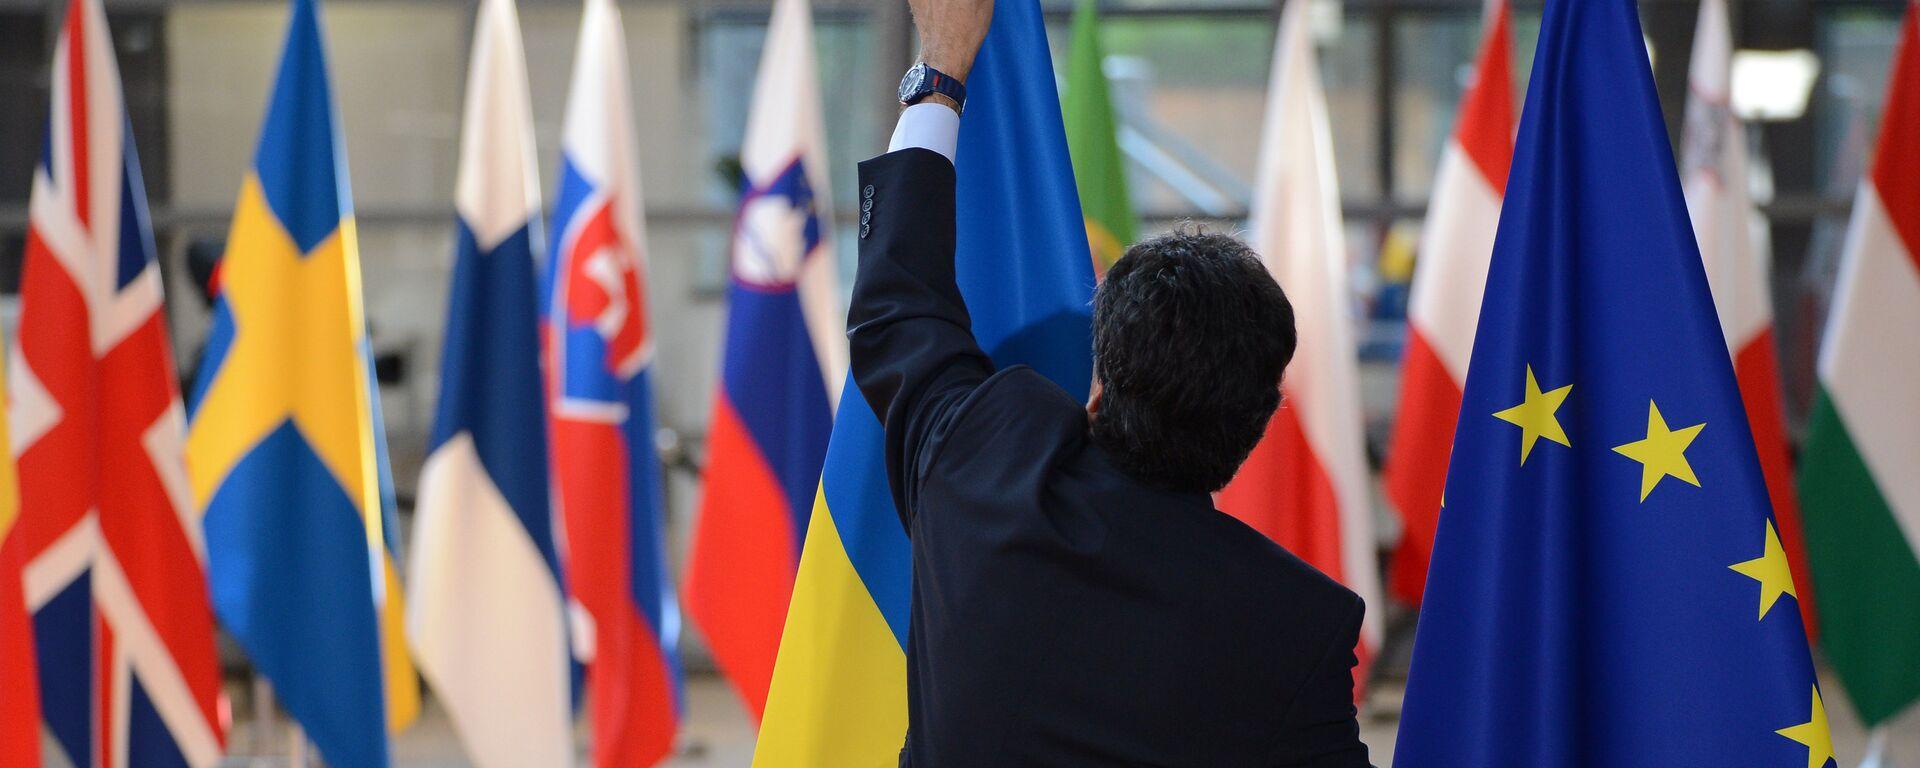 ევროკავშირის წევრი ქვეყნების დროშები - Sputnik საქართველო, 1920, 06.10.2021